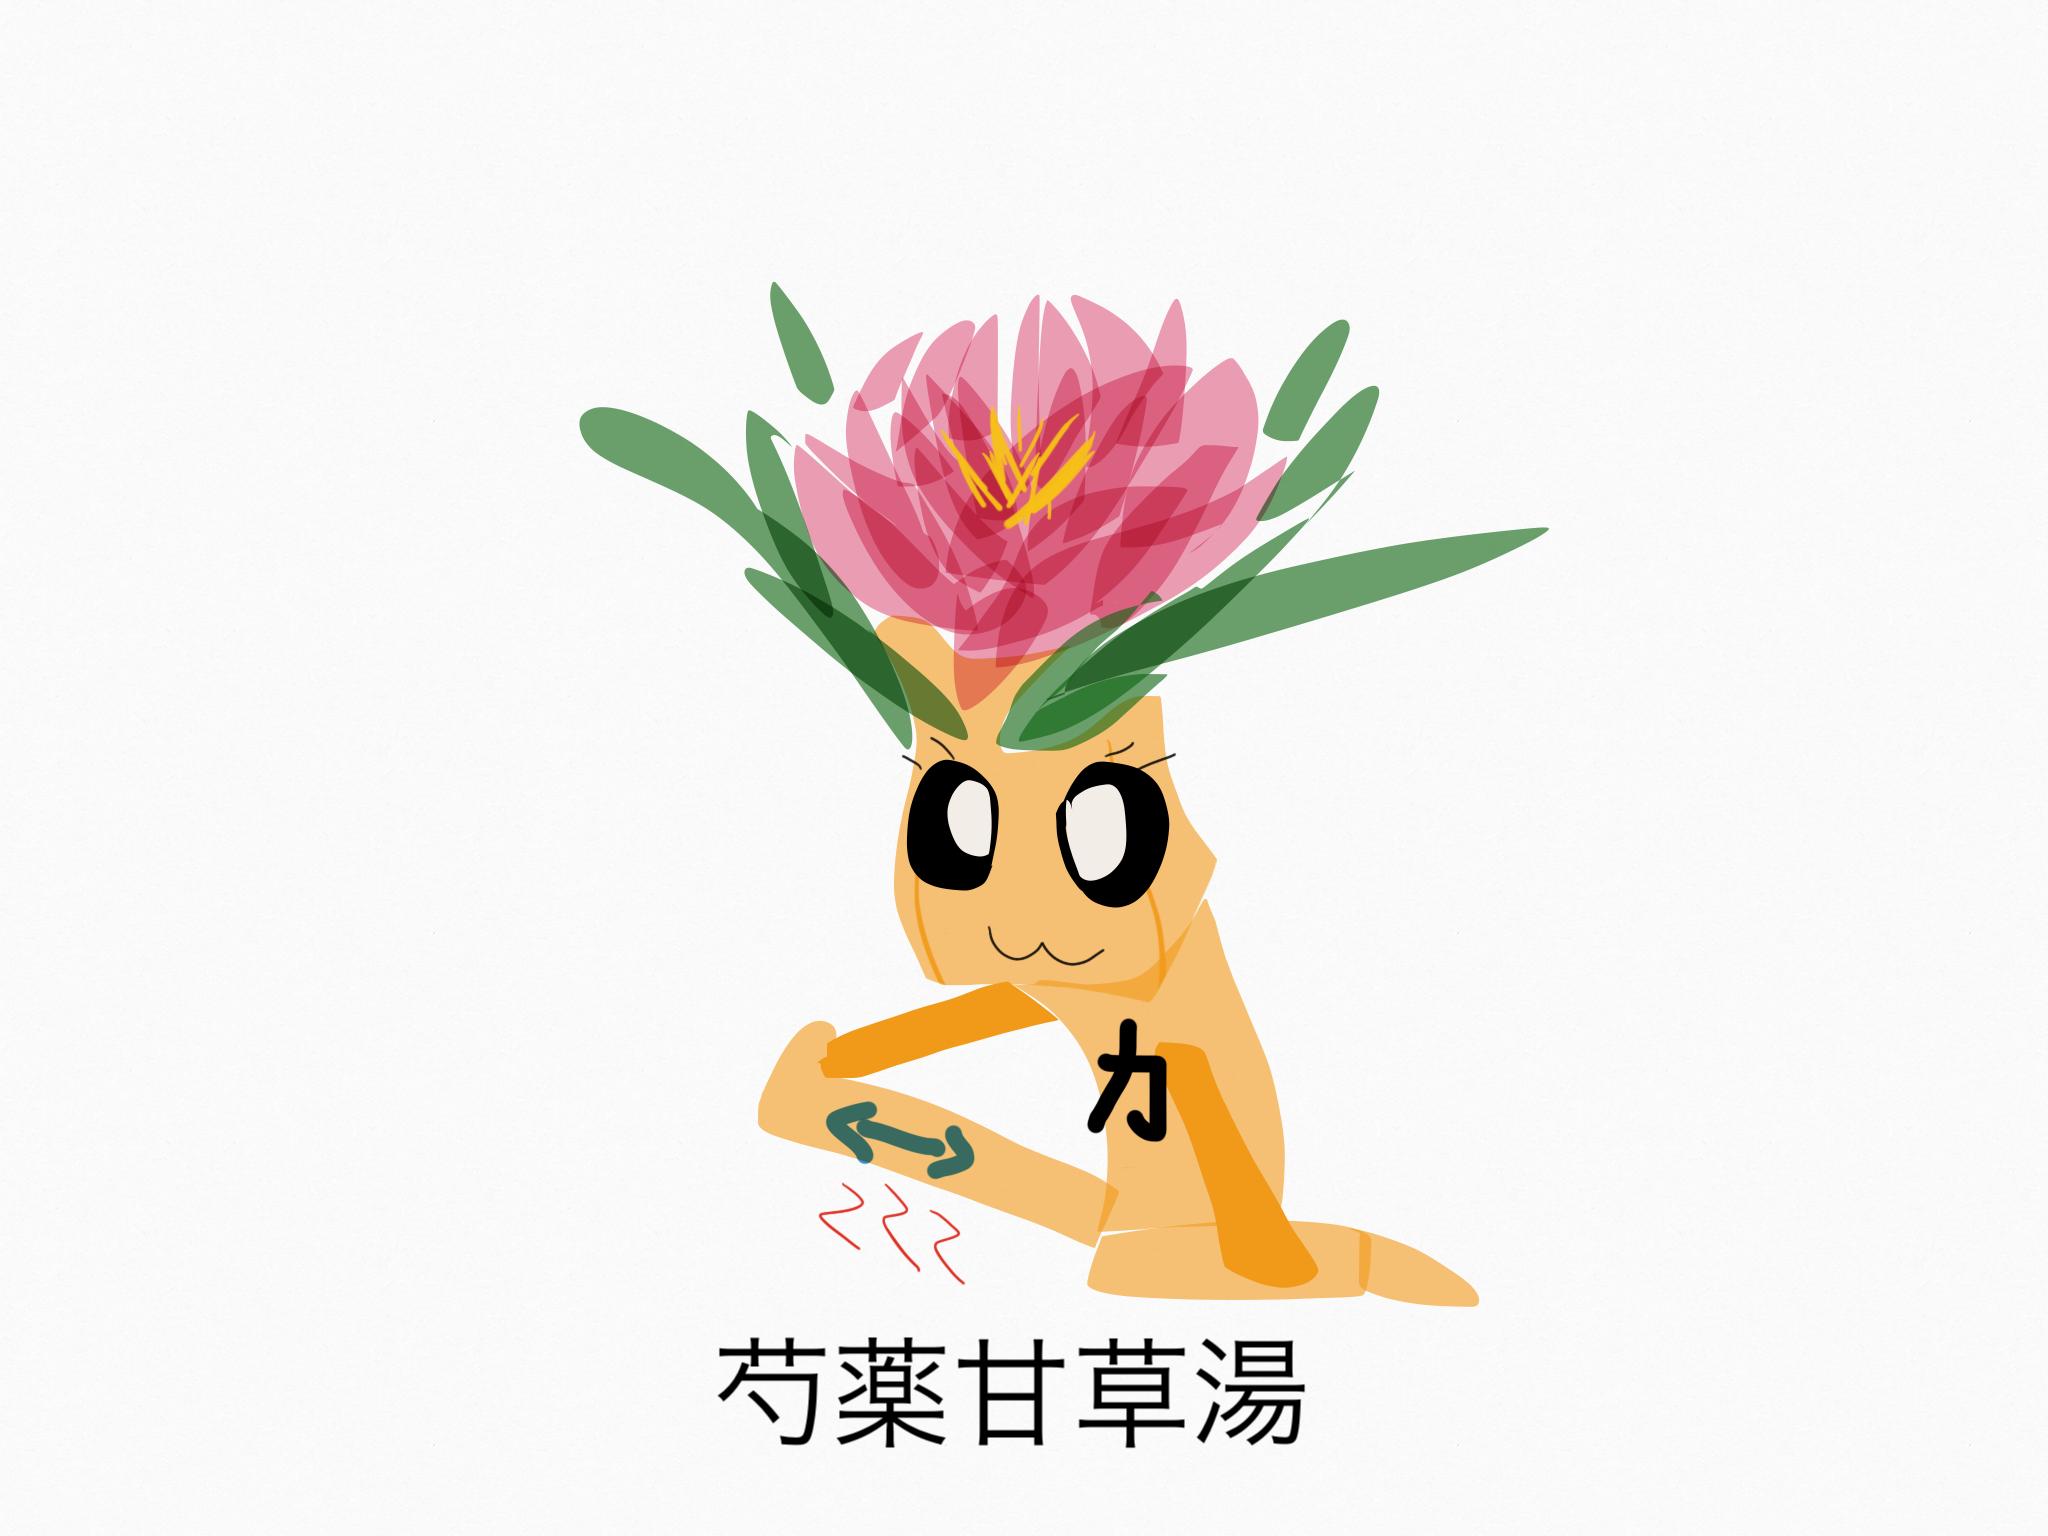 芍薬甘草湯(しゃくやくかんぞうとう)[鎮痛]【漢方の覚え方】